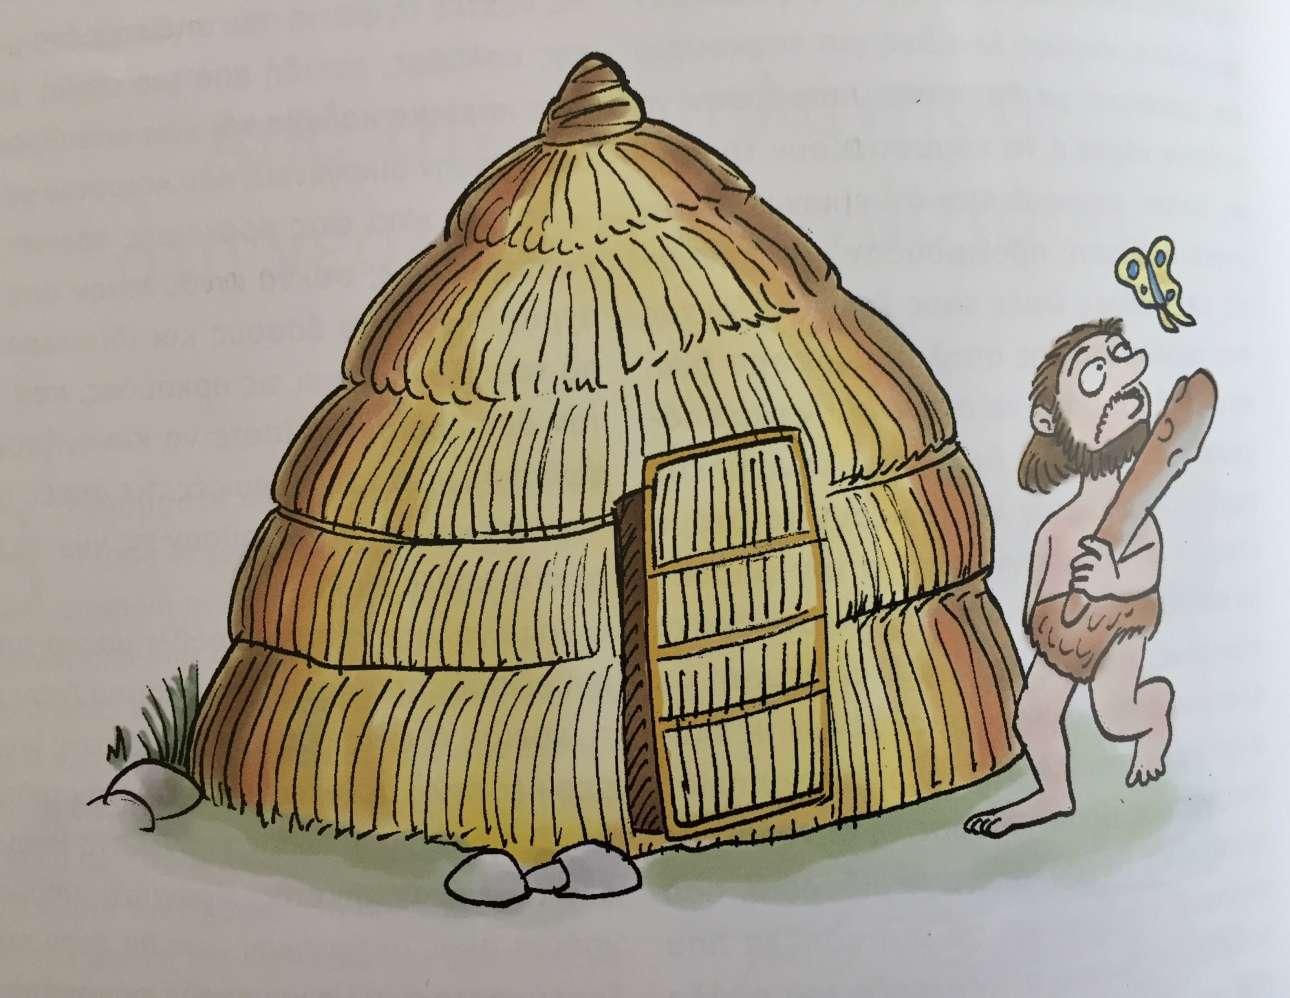 biblio-valavanis-kalyva